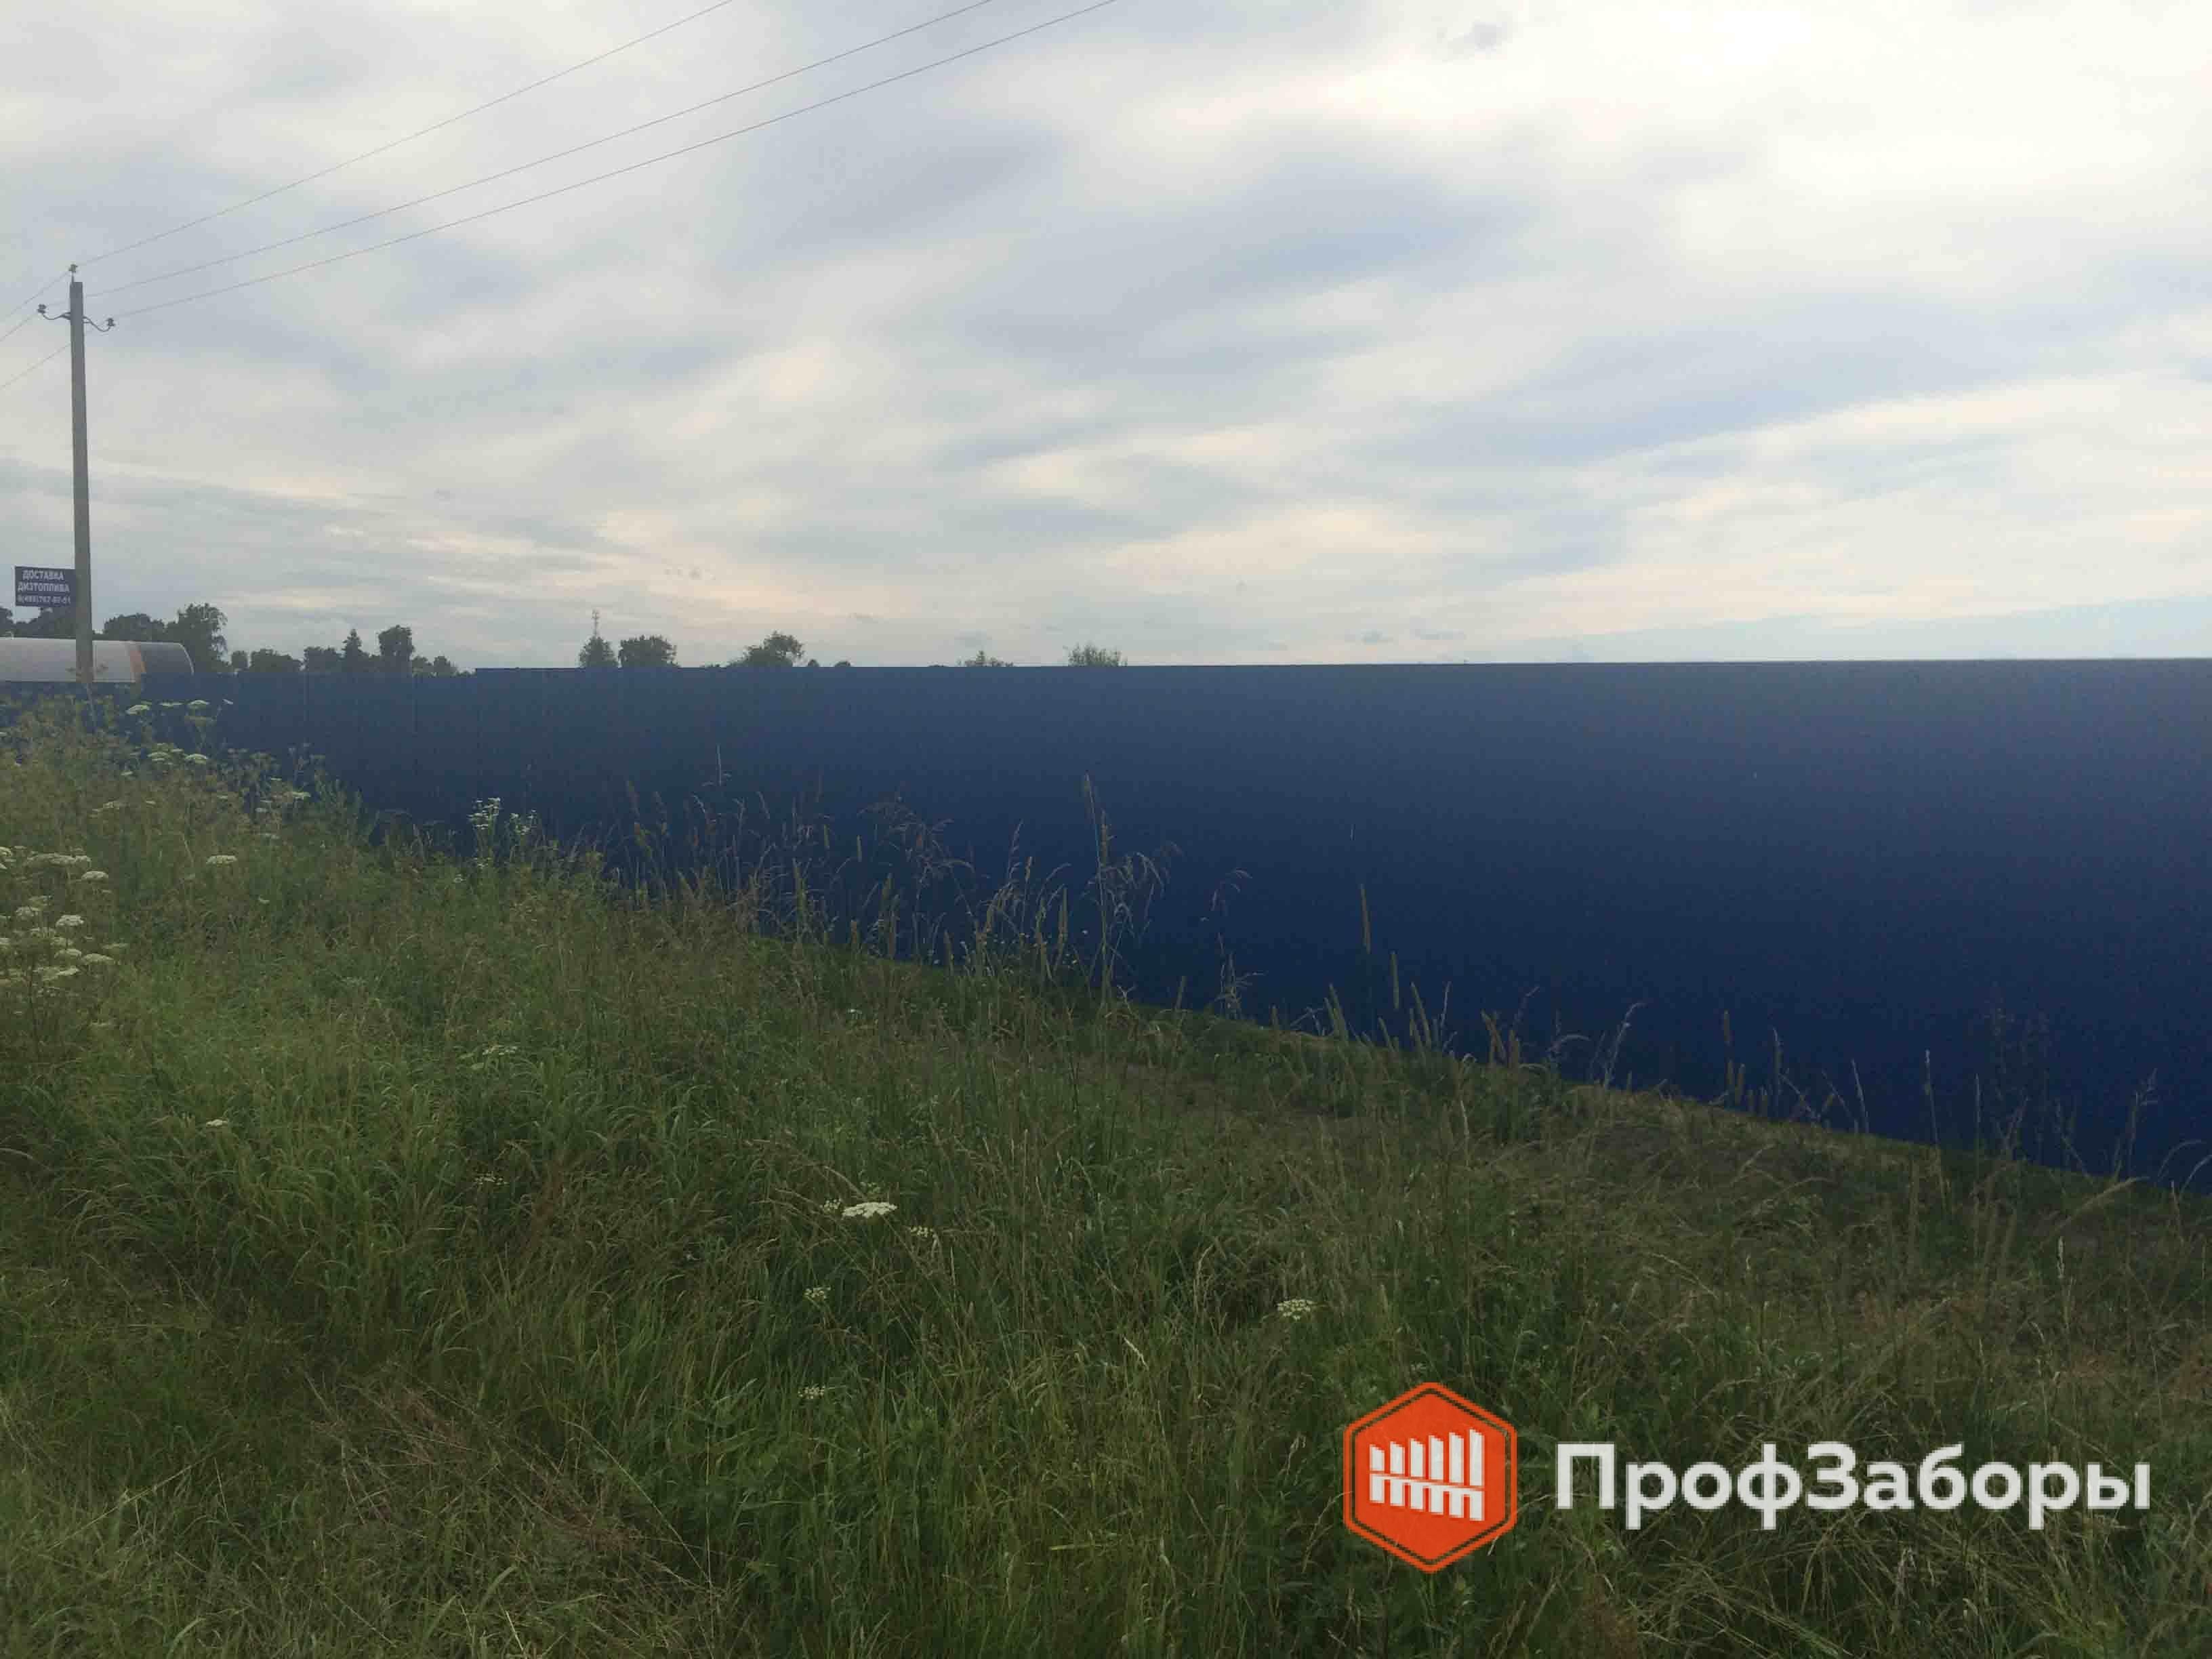 Заборы Из профнастила  - Городской округ Зарайск. Фото 3